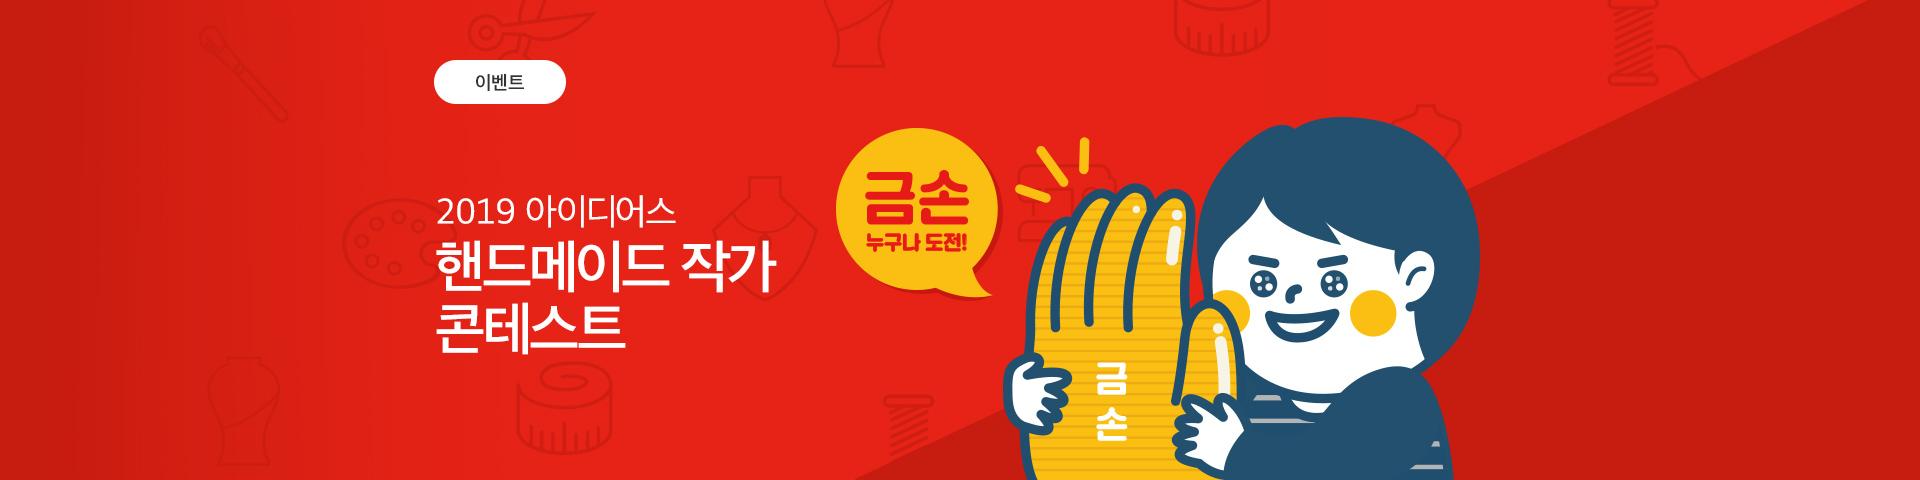 2019 아이디어스 핸드메이드 작가 콘테스트